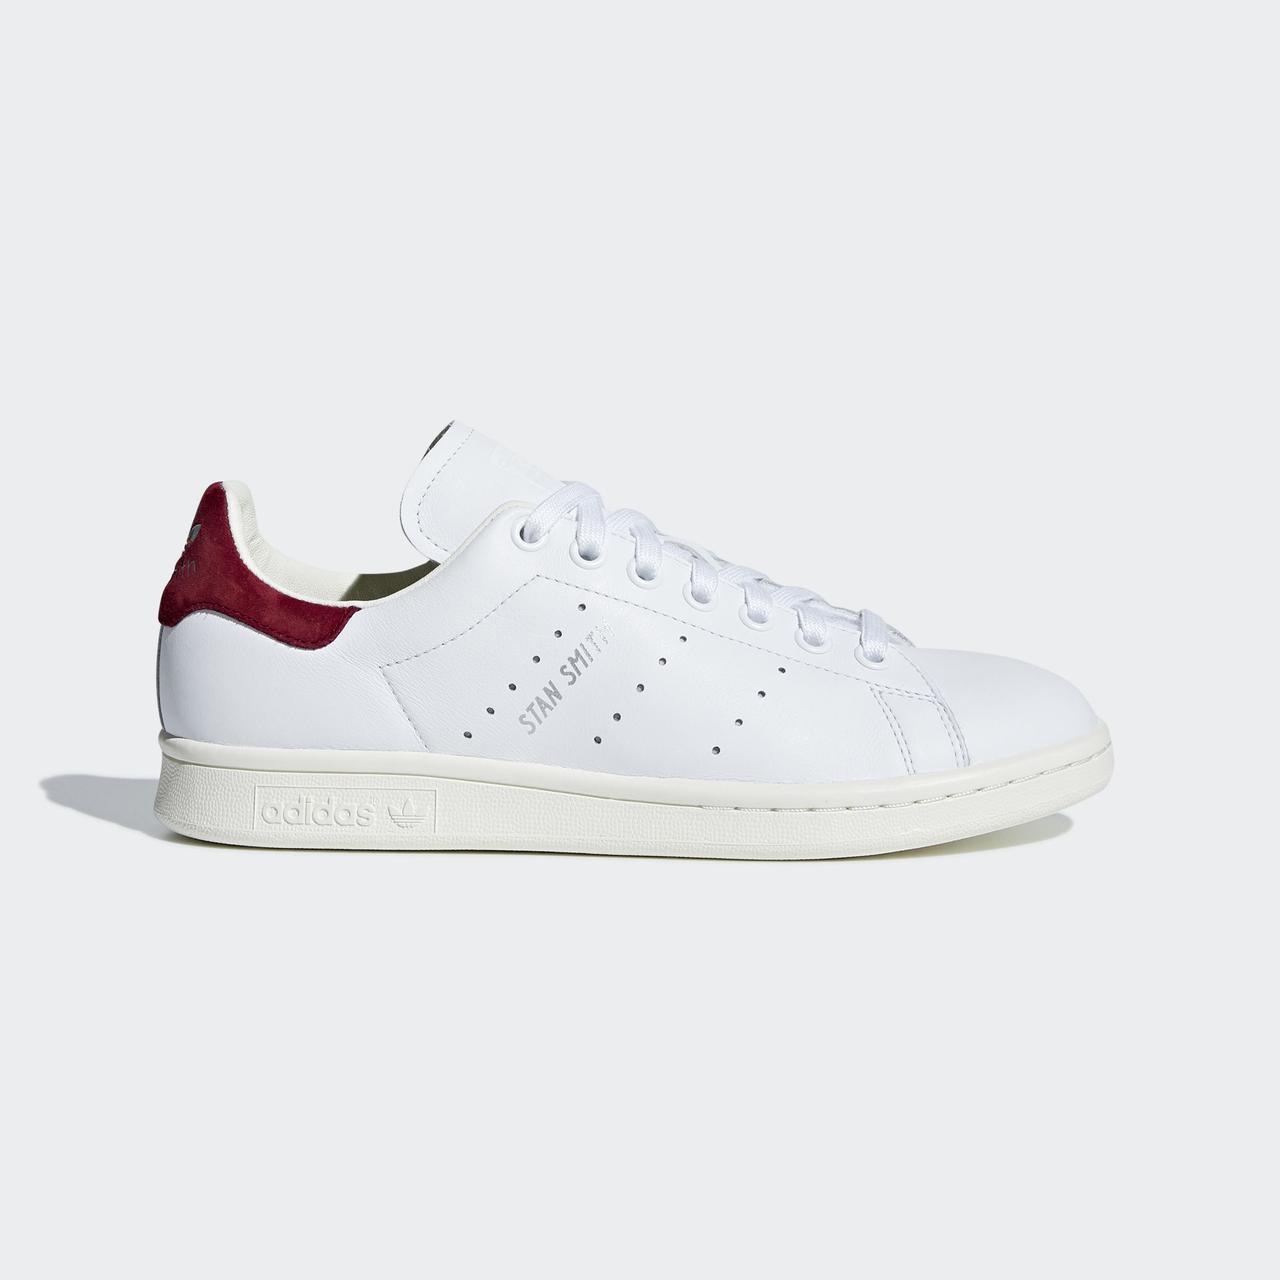 Женские кроссовки Adidas Originals Stan Smith (Артикул: AQ0887)